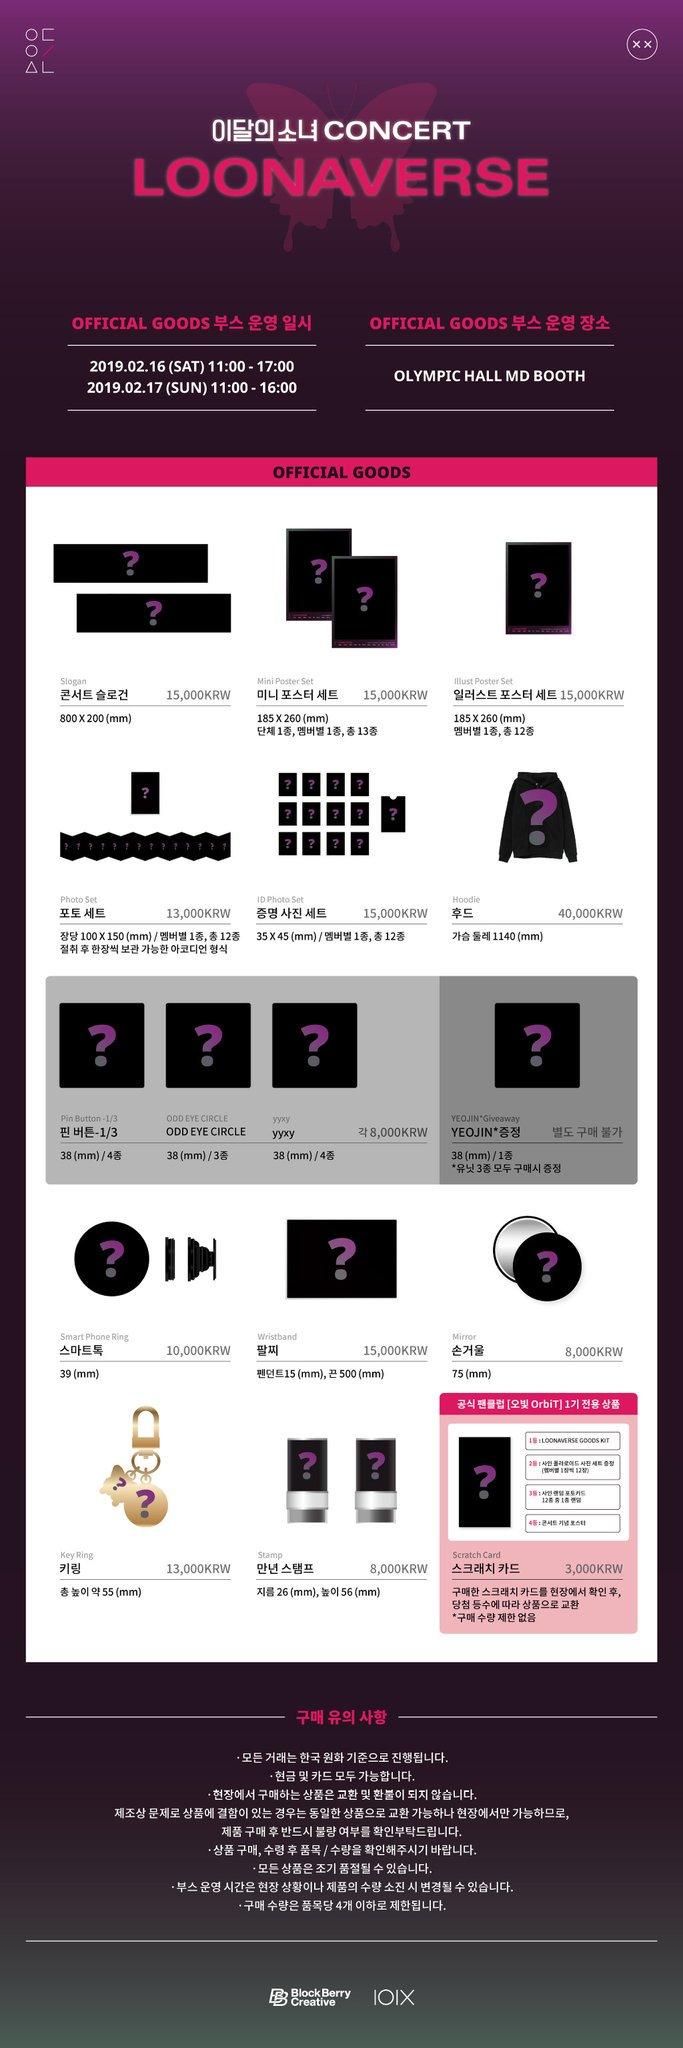 LOONAVERSE Concert Merchandise Hidden version.png